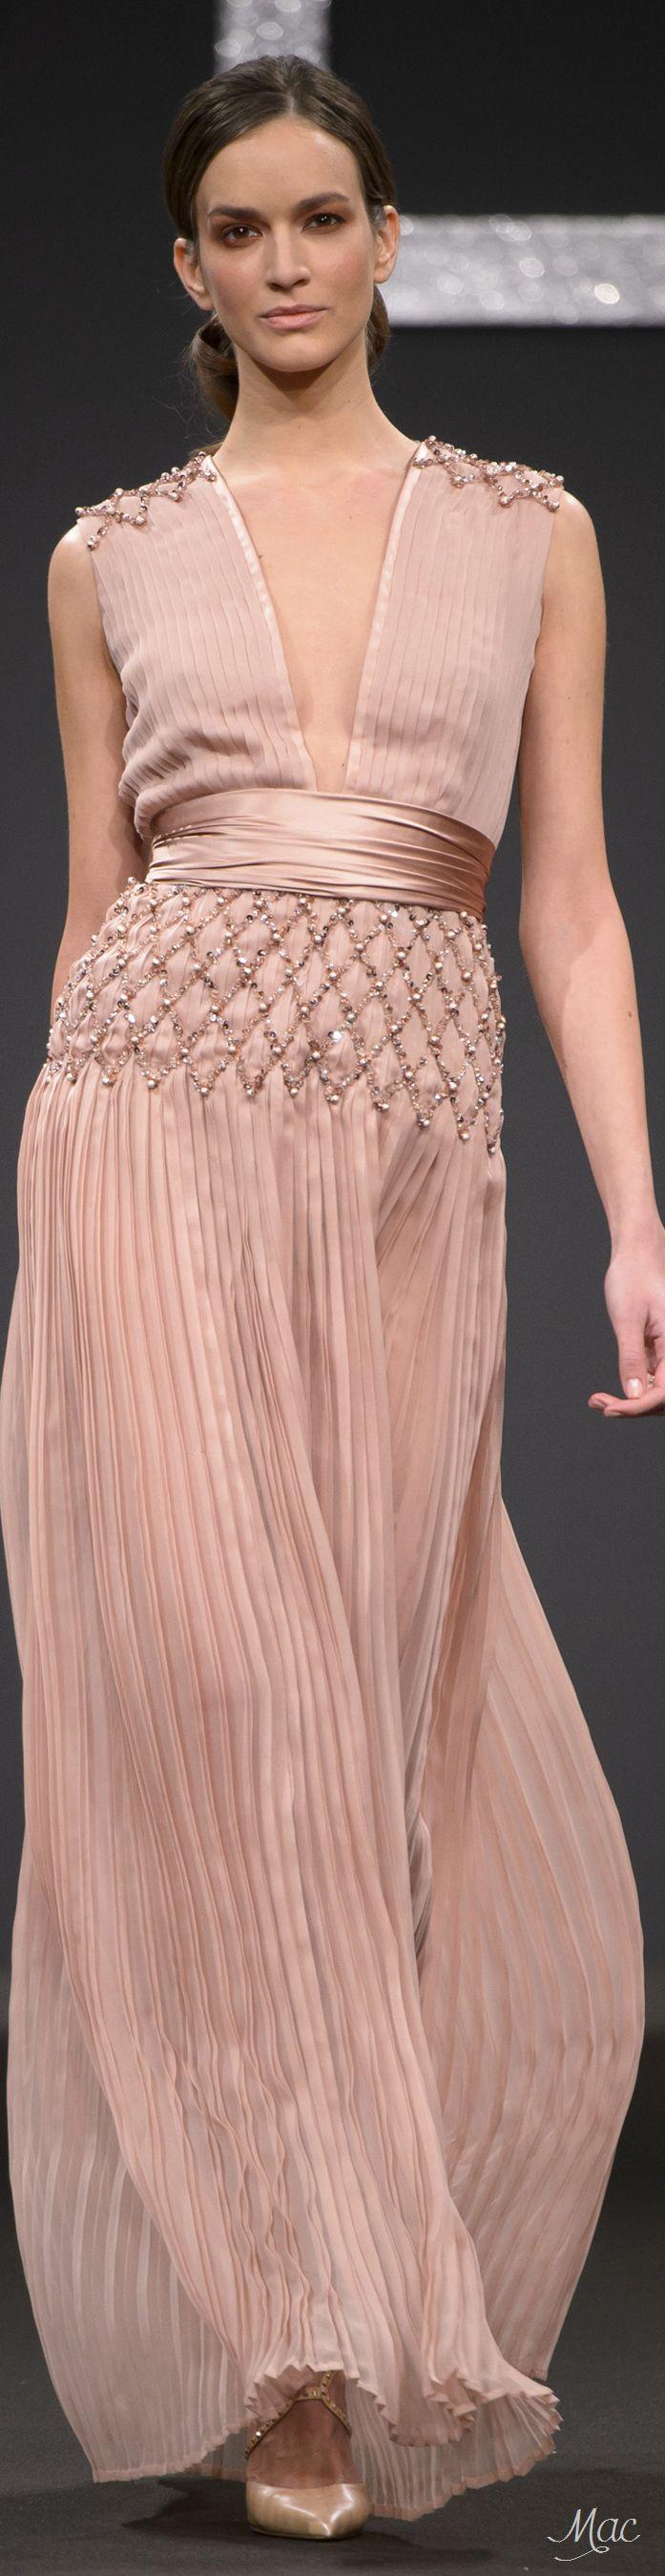 Spring 2017 Haute Couture Renato Balestra